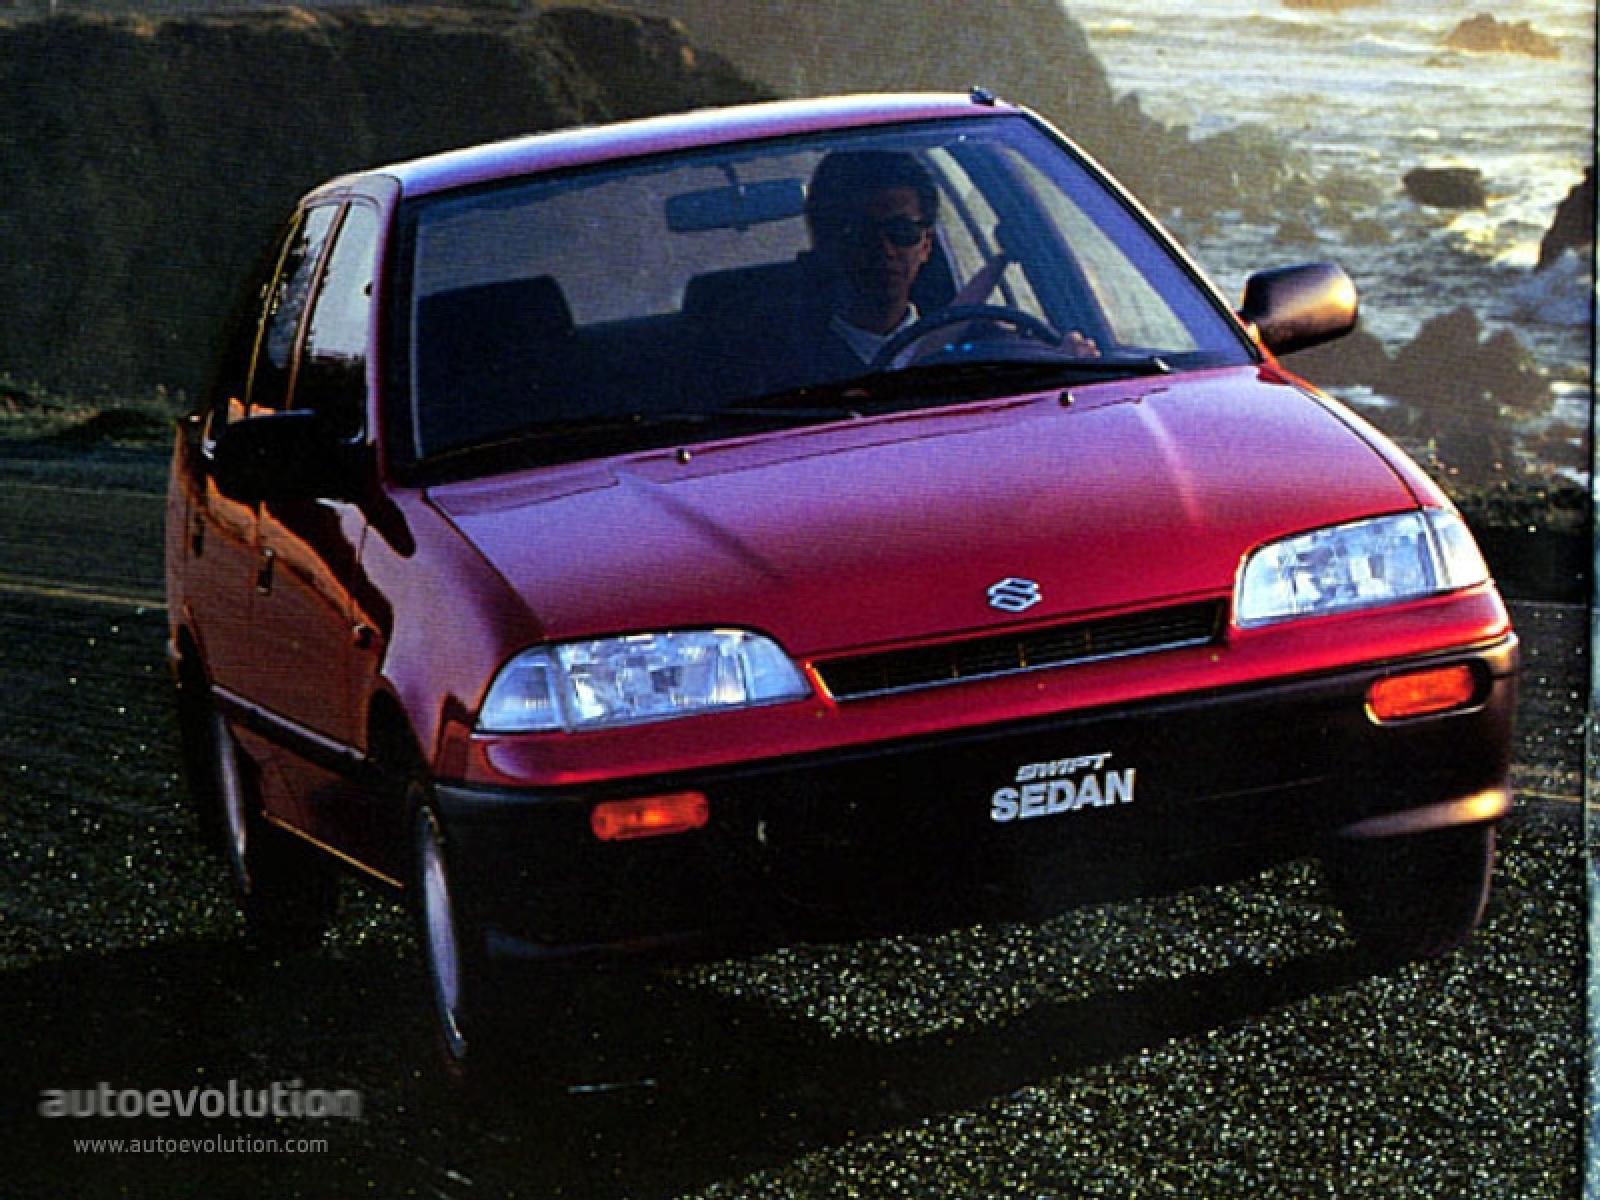 1991 Suzuki Swift 1